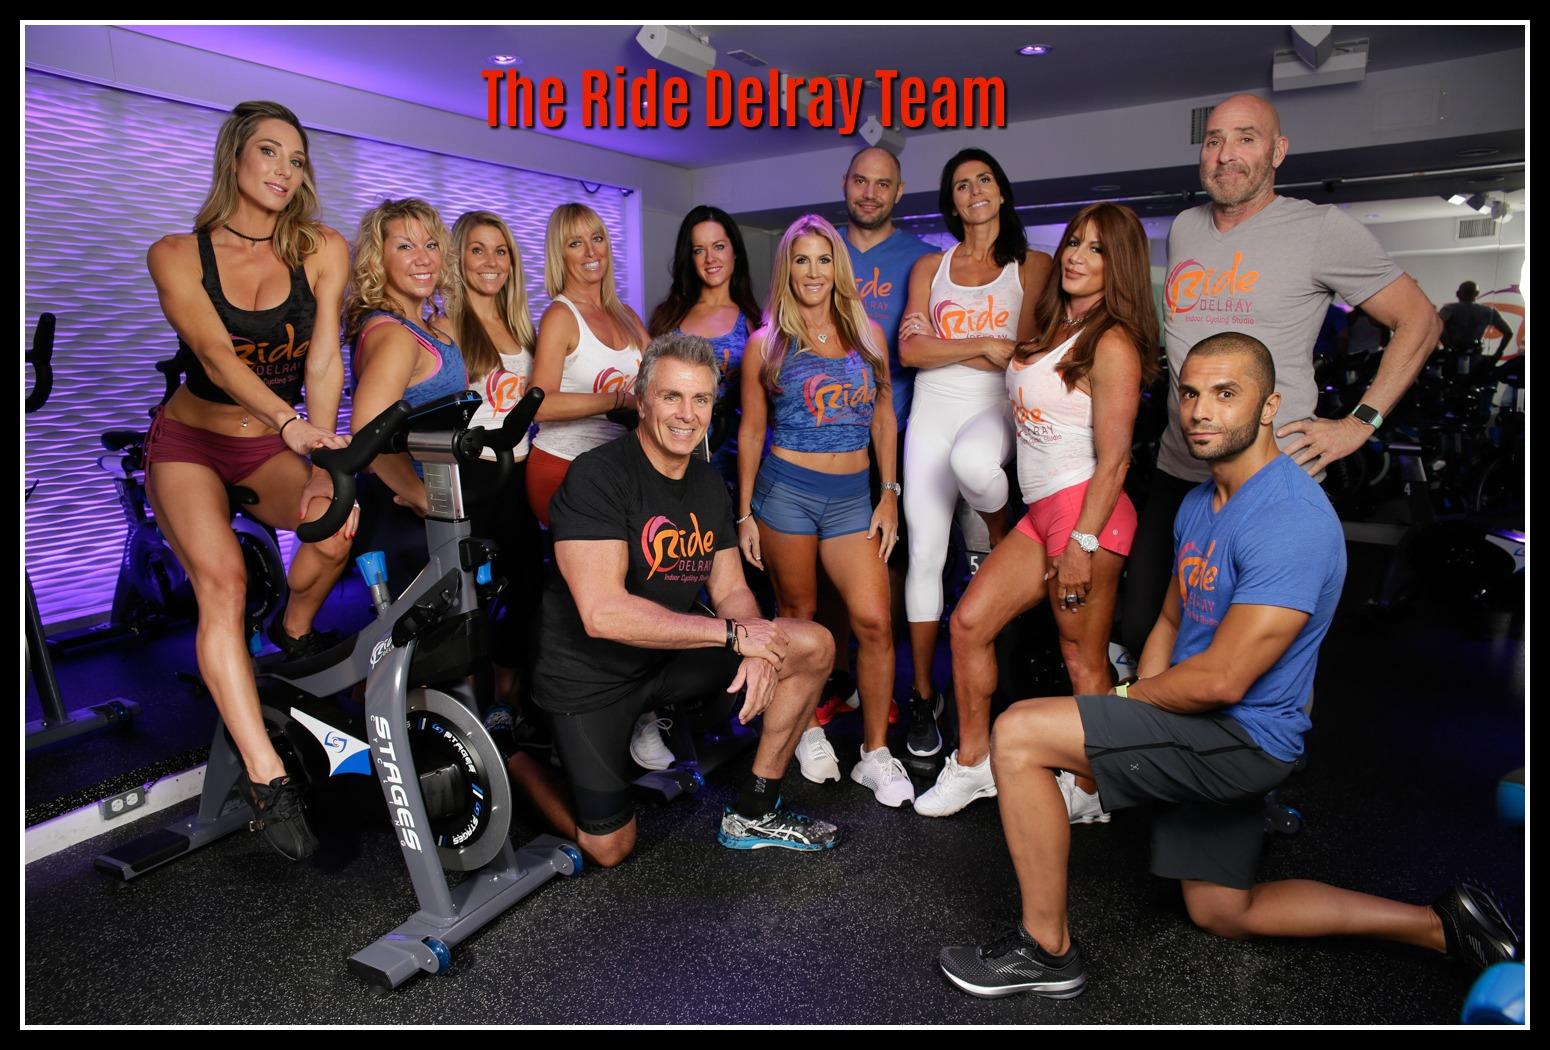 Ride Delray Team.jpg